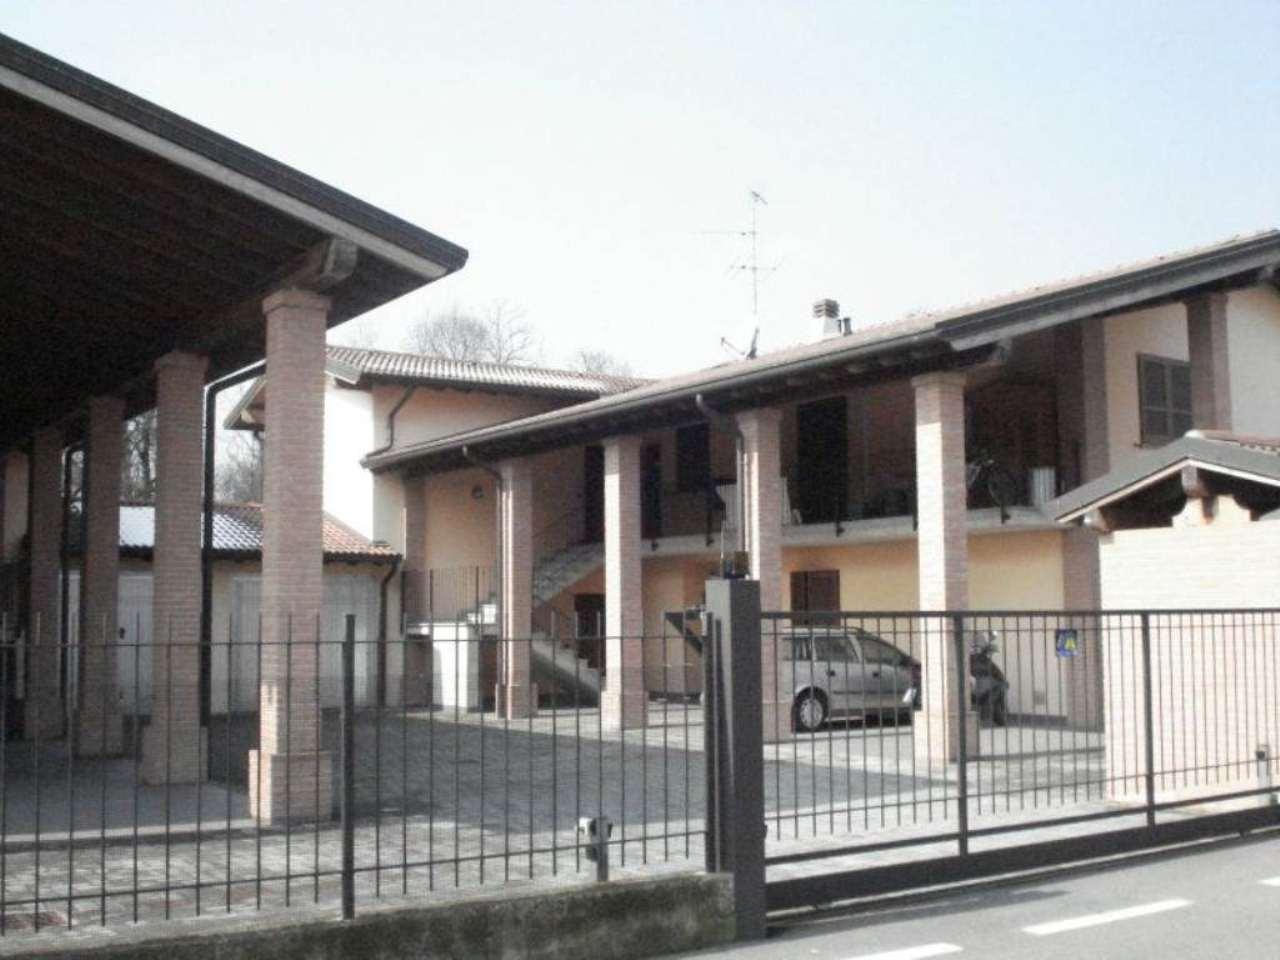 Palazzo Pignano Vendita APPARTAMENTO Immagine 0